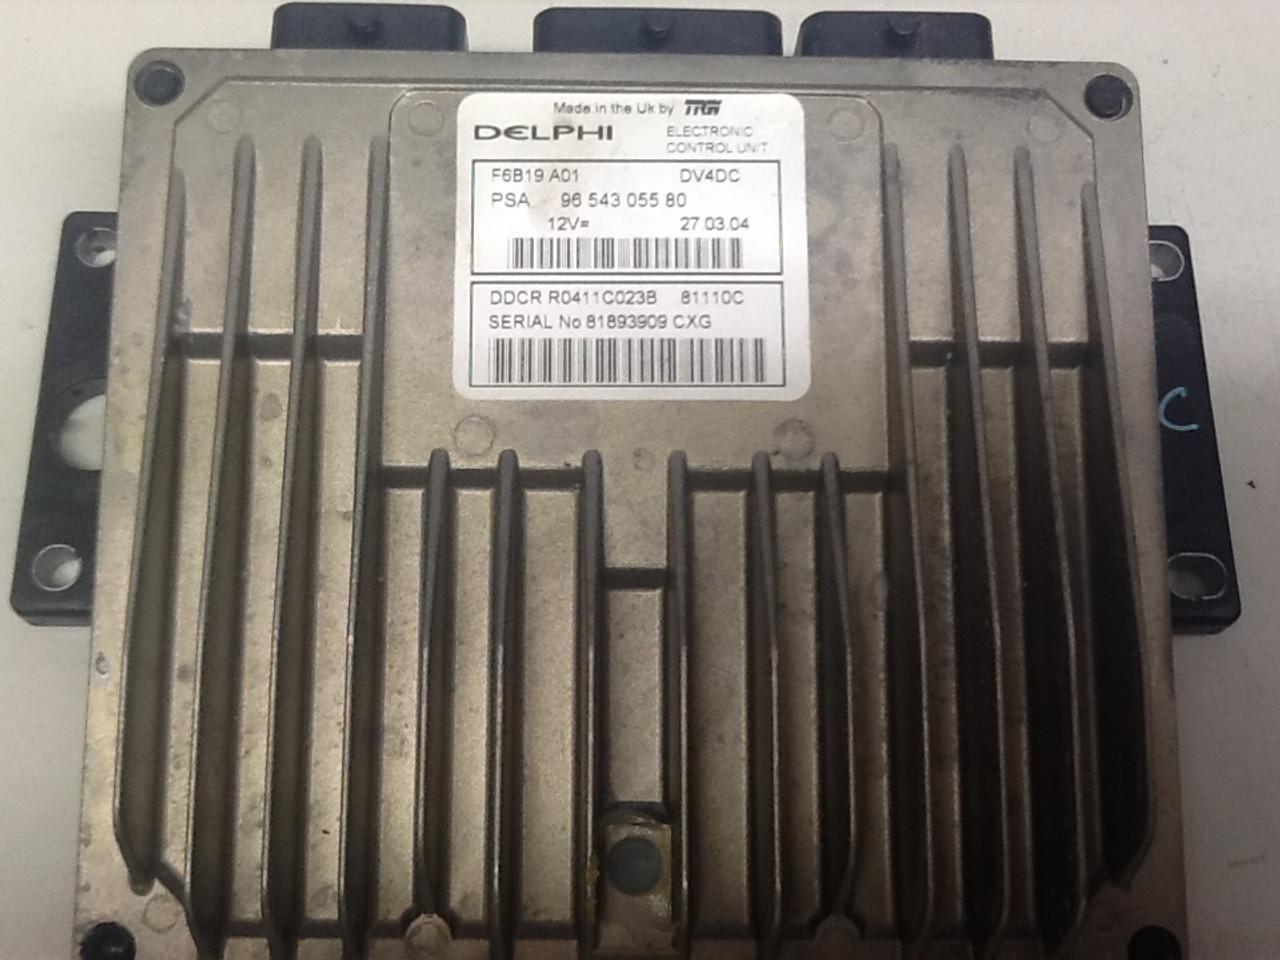 Plug & Play Engine ECU DELPHI PSA 9654305580 DV4DC DDCR